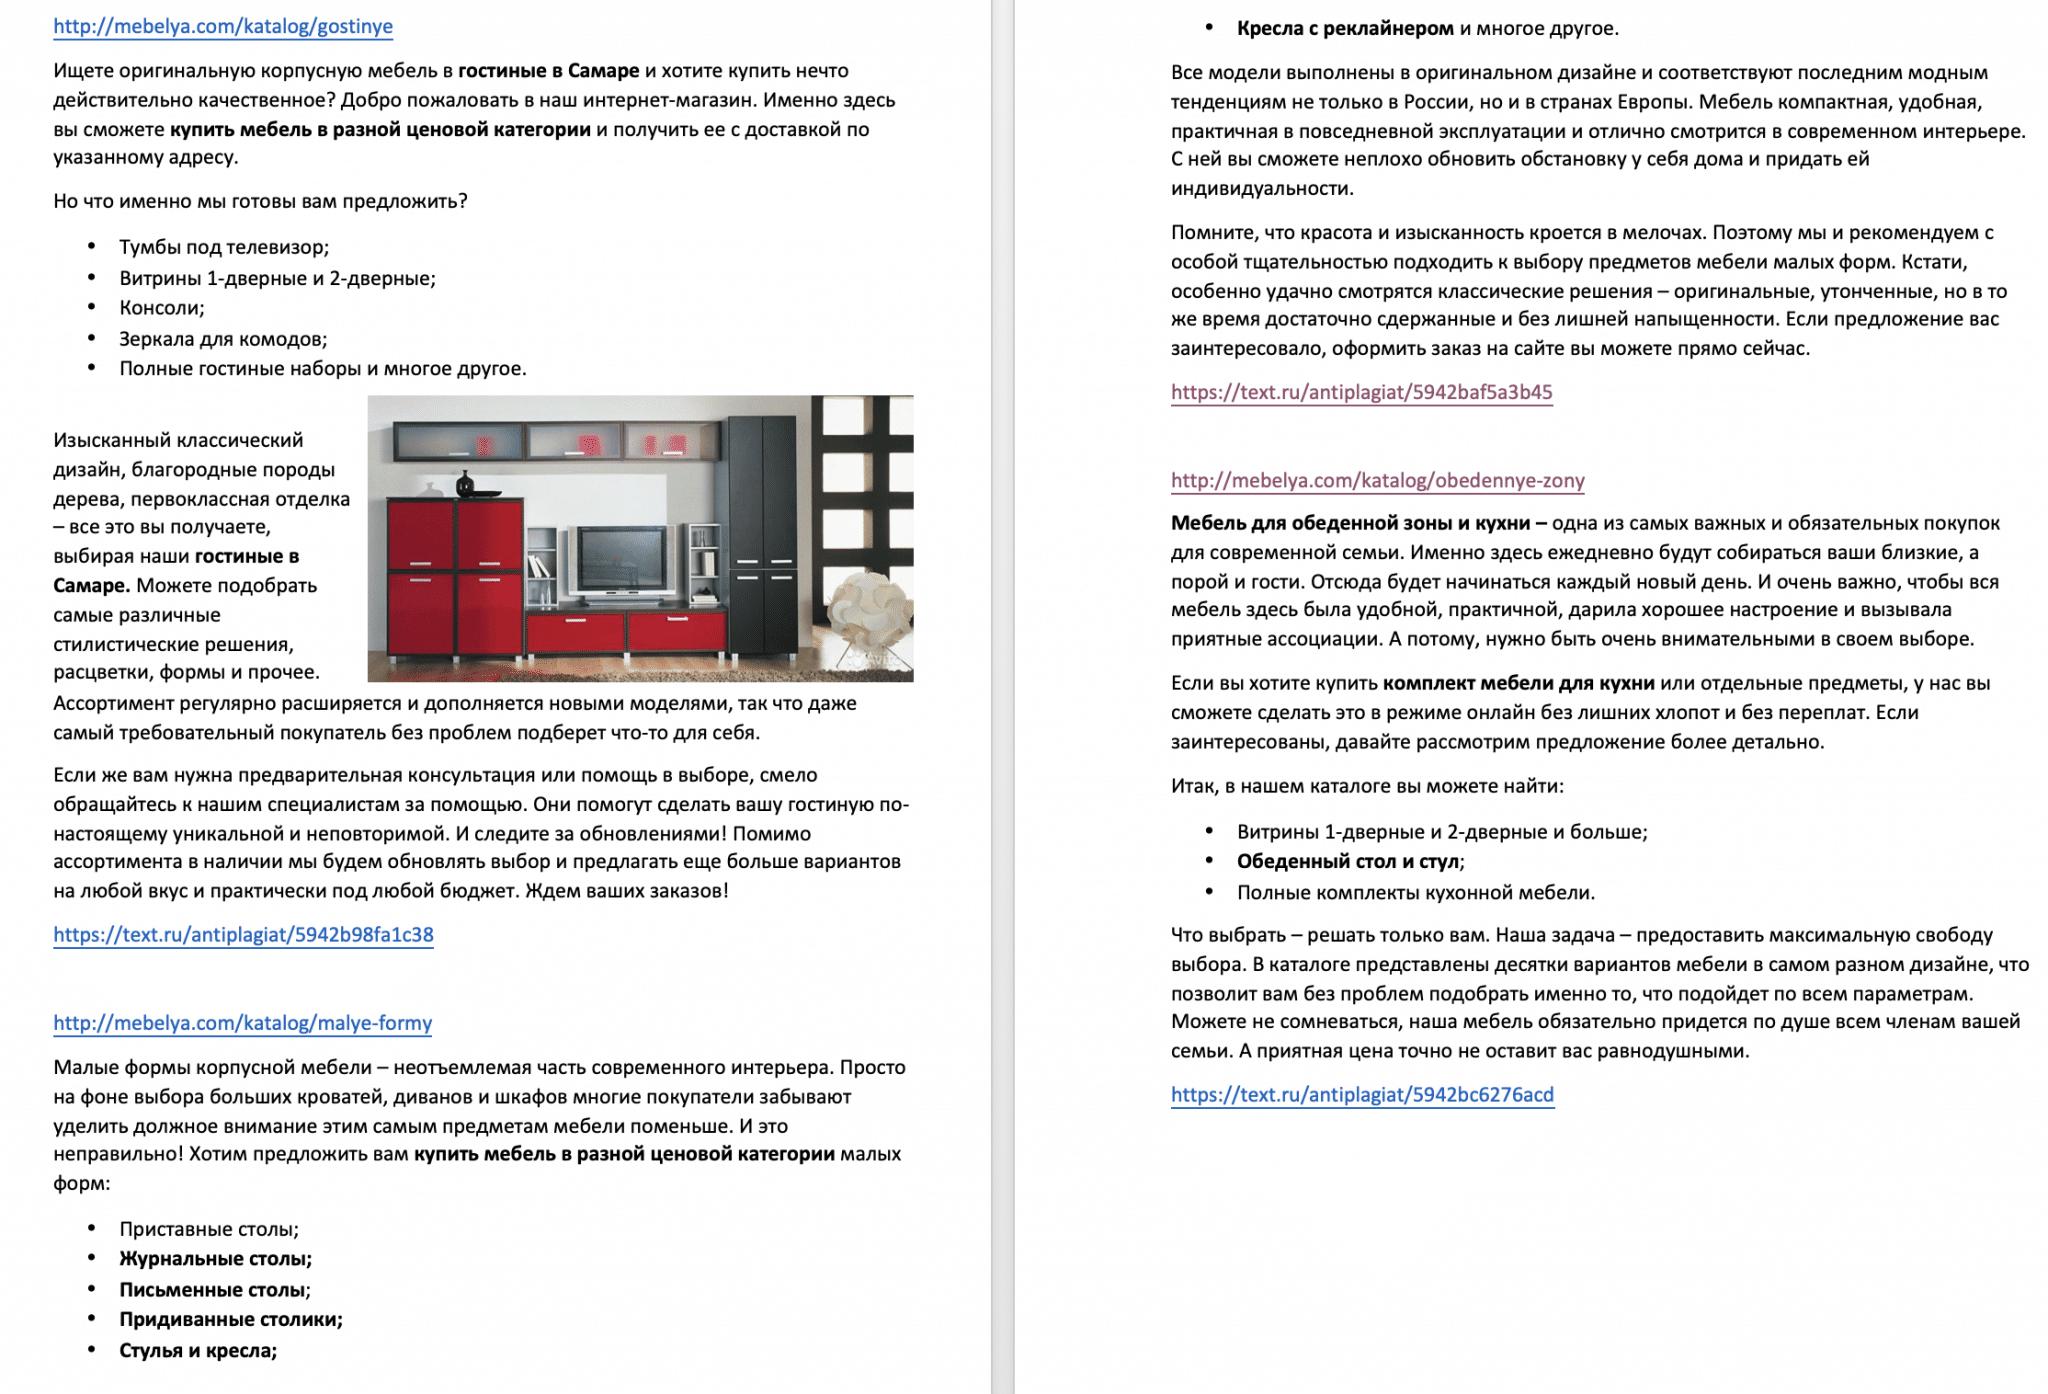 Пример написания сео (seo) текста для сайта мебели Пример написания seo-текста (сео-текста) для сайта интернет-магазина мебели. Пример текста, который за 2 дня вошел в ТОП и привлекает много трафика. Закажите сейчас такой же сео-текст у нас